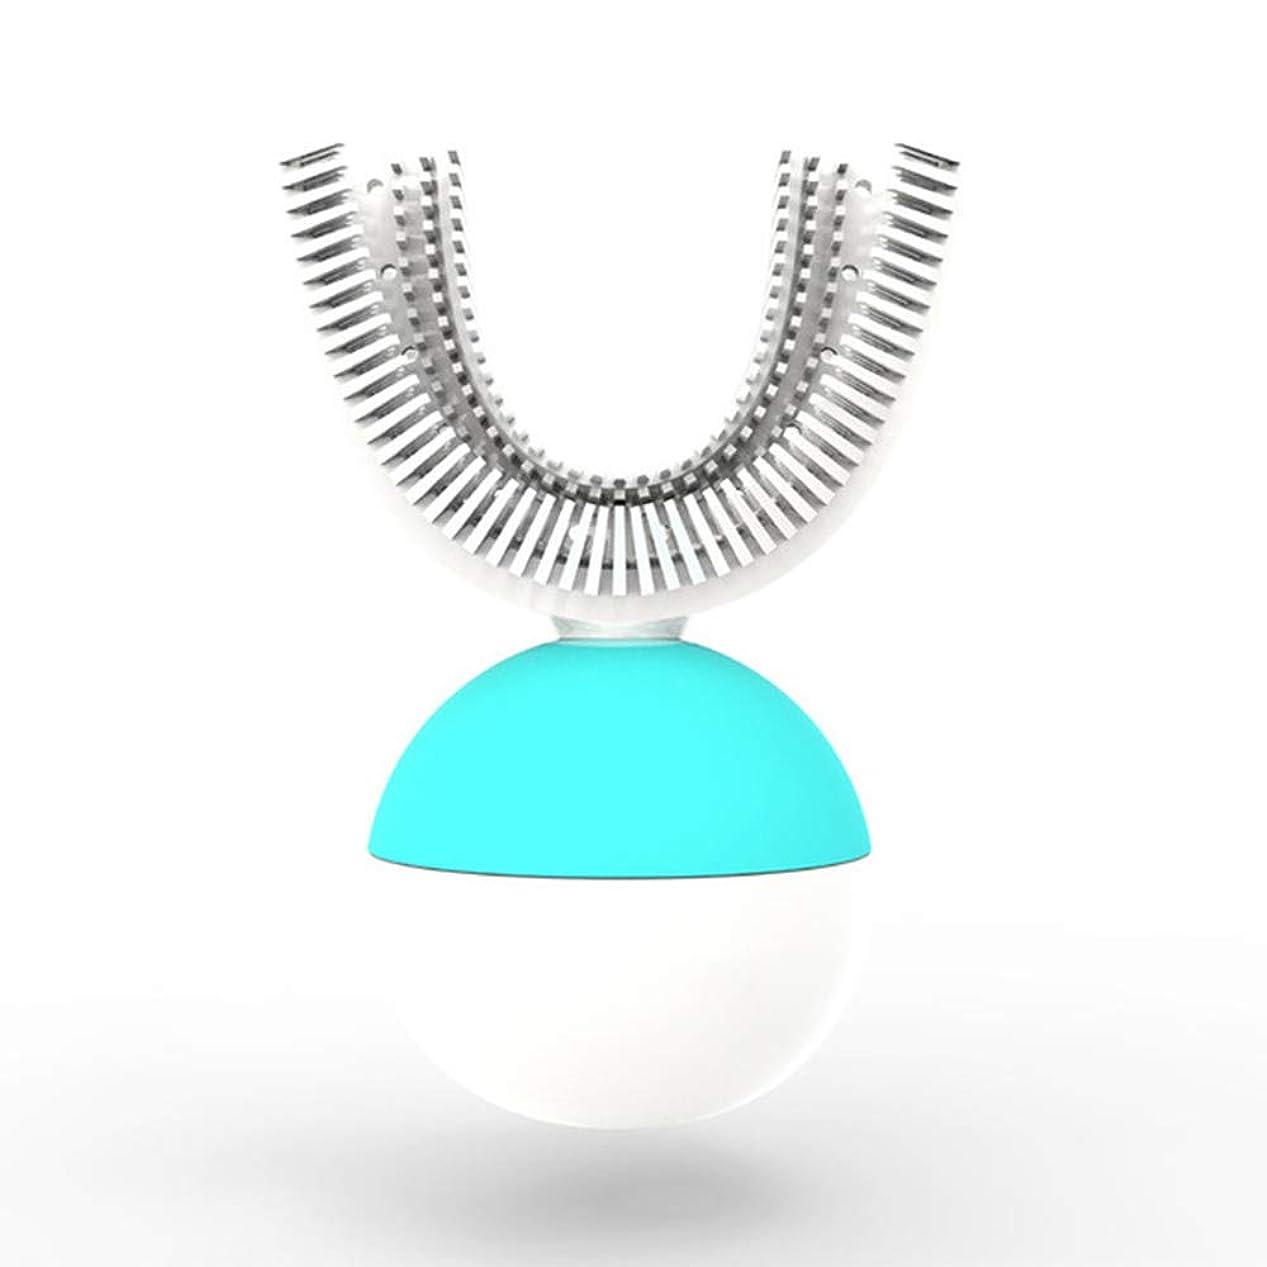 バインド北米懐疑論歯の洗剤、電動歯ブラシシリコーン電動歯ブラシ怠惰な歯ブラシ成人自動歯ブラシ